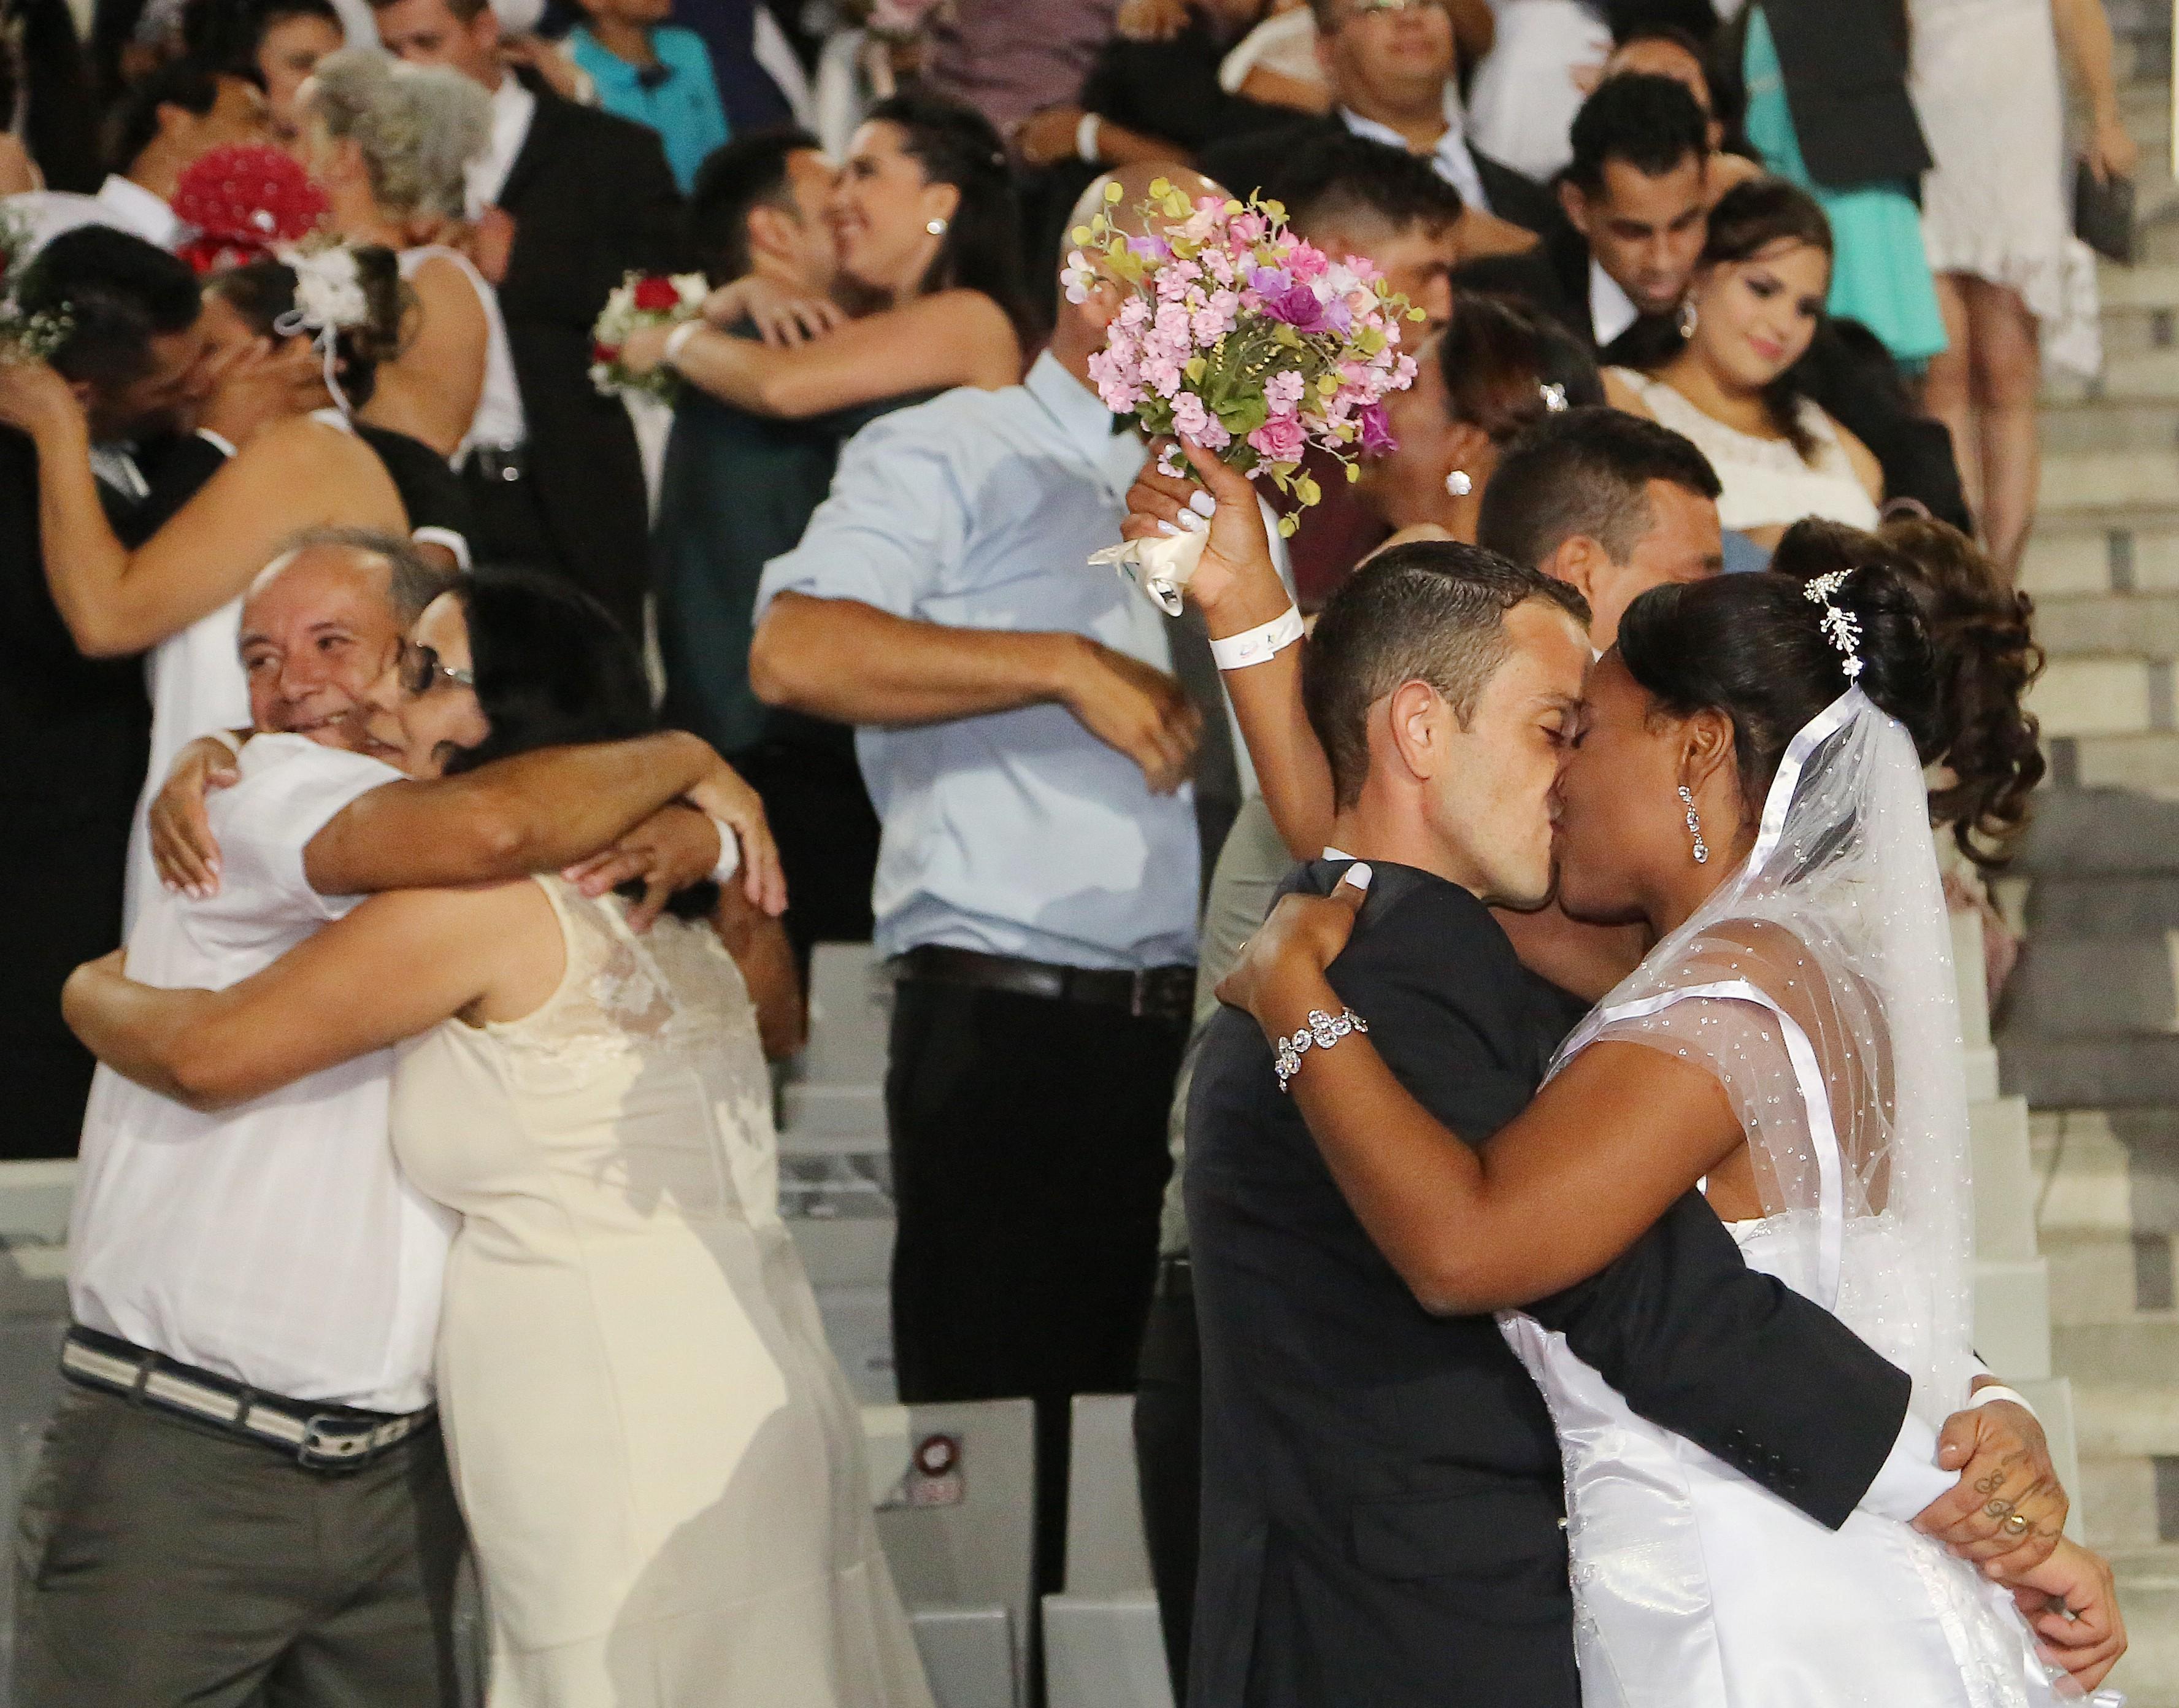 Casamento coletivo vai ocorrer em 26 de novembro em Maringá; veja como participar